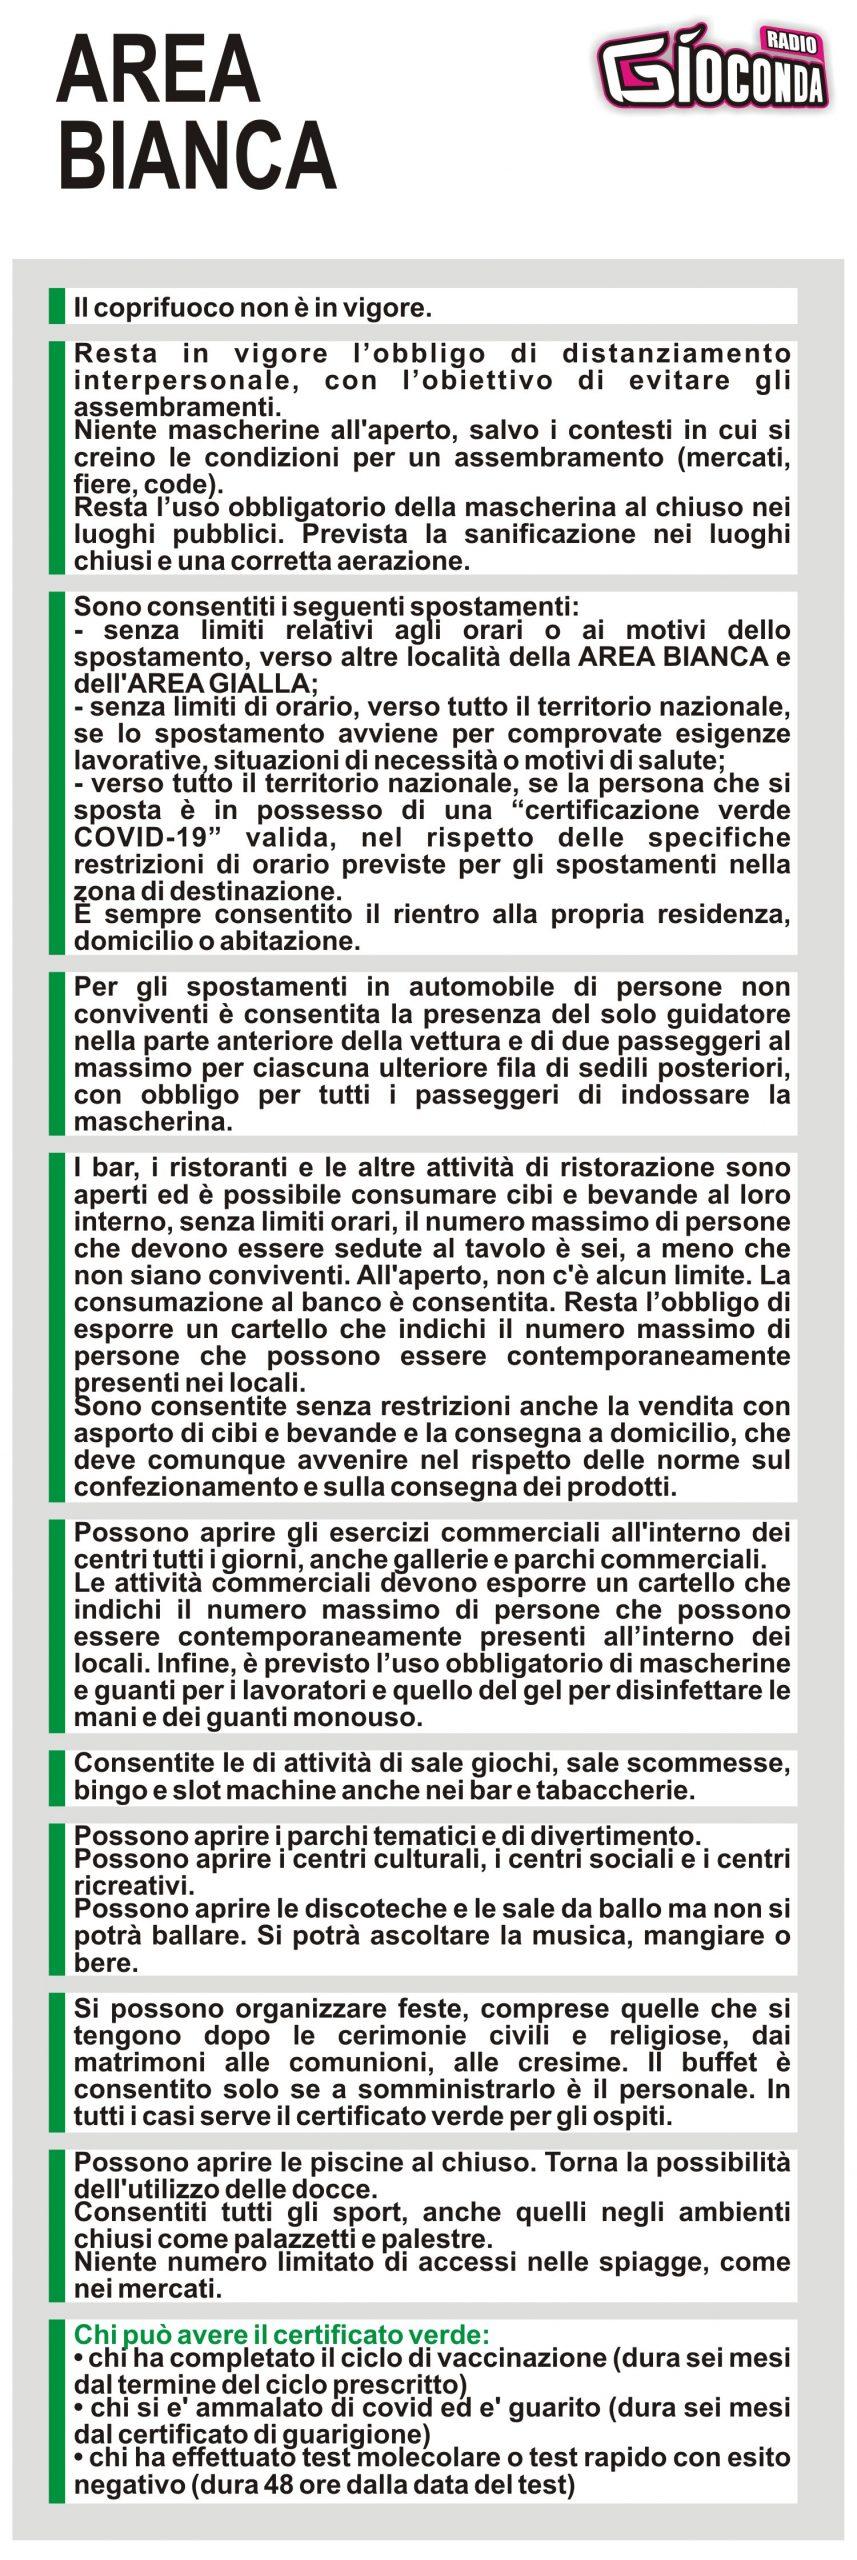 Il Friuli Venezia Giulia è in AREA BIANCA #covid19 #covid #regionefriuliveneziagiulia